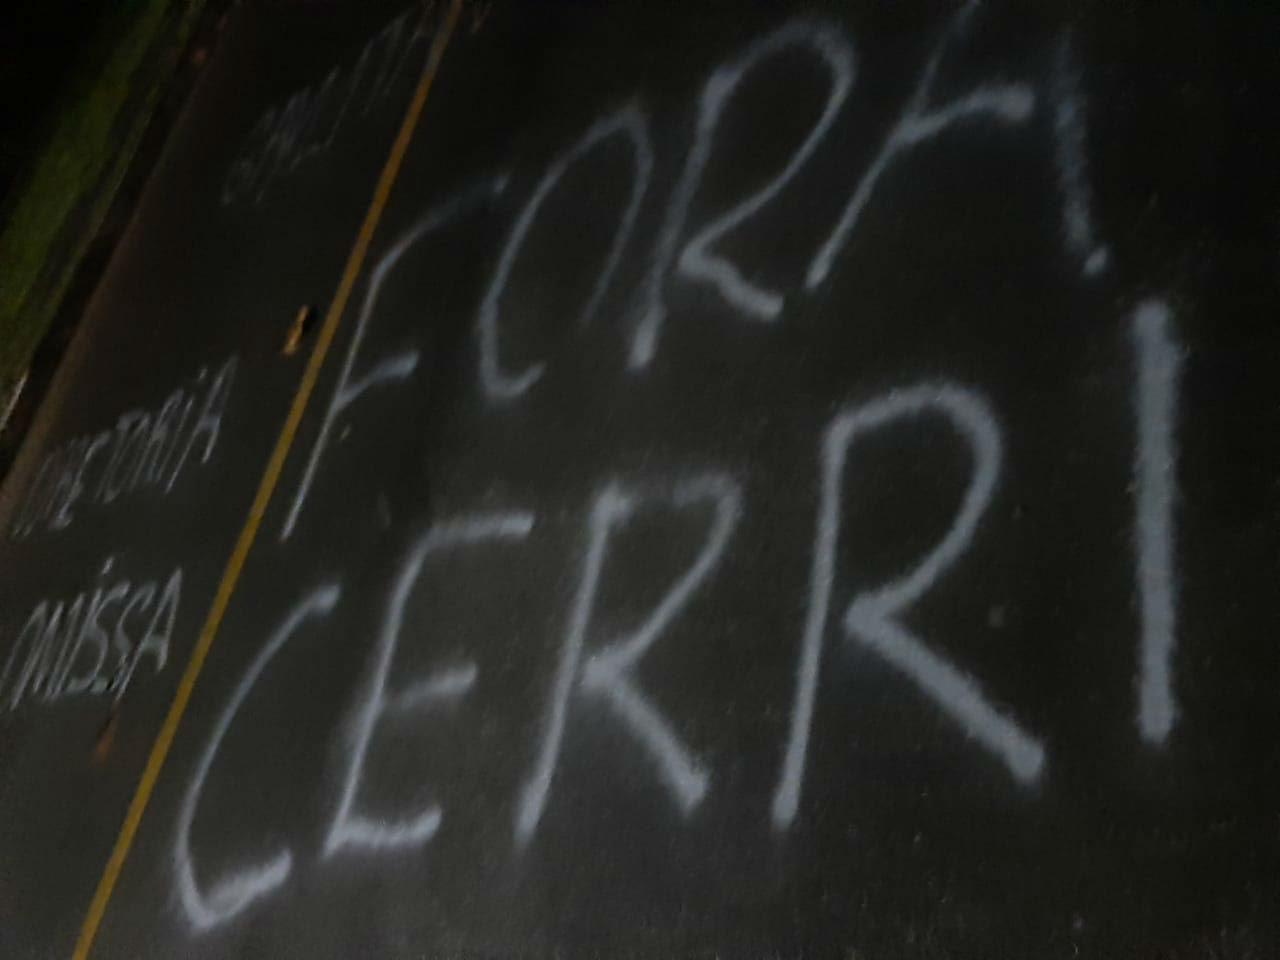 O nome do diretor Diego Cerri está entre as mensagens deixadas